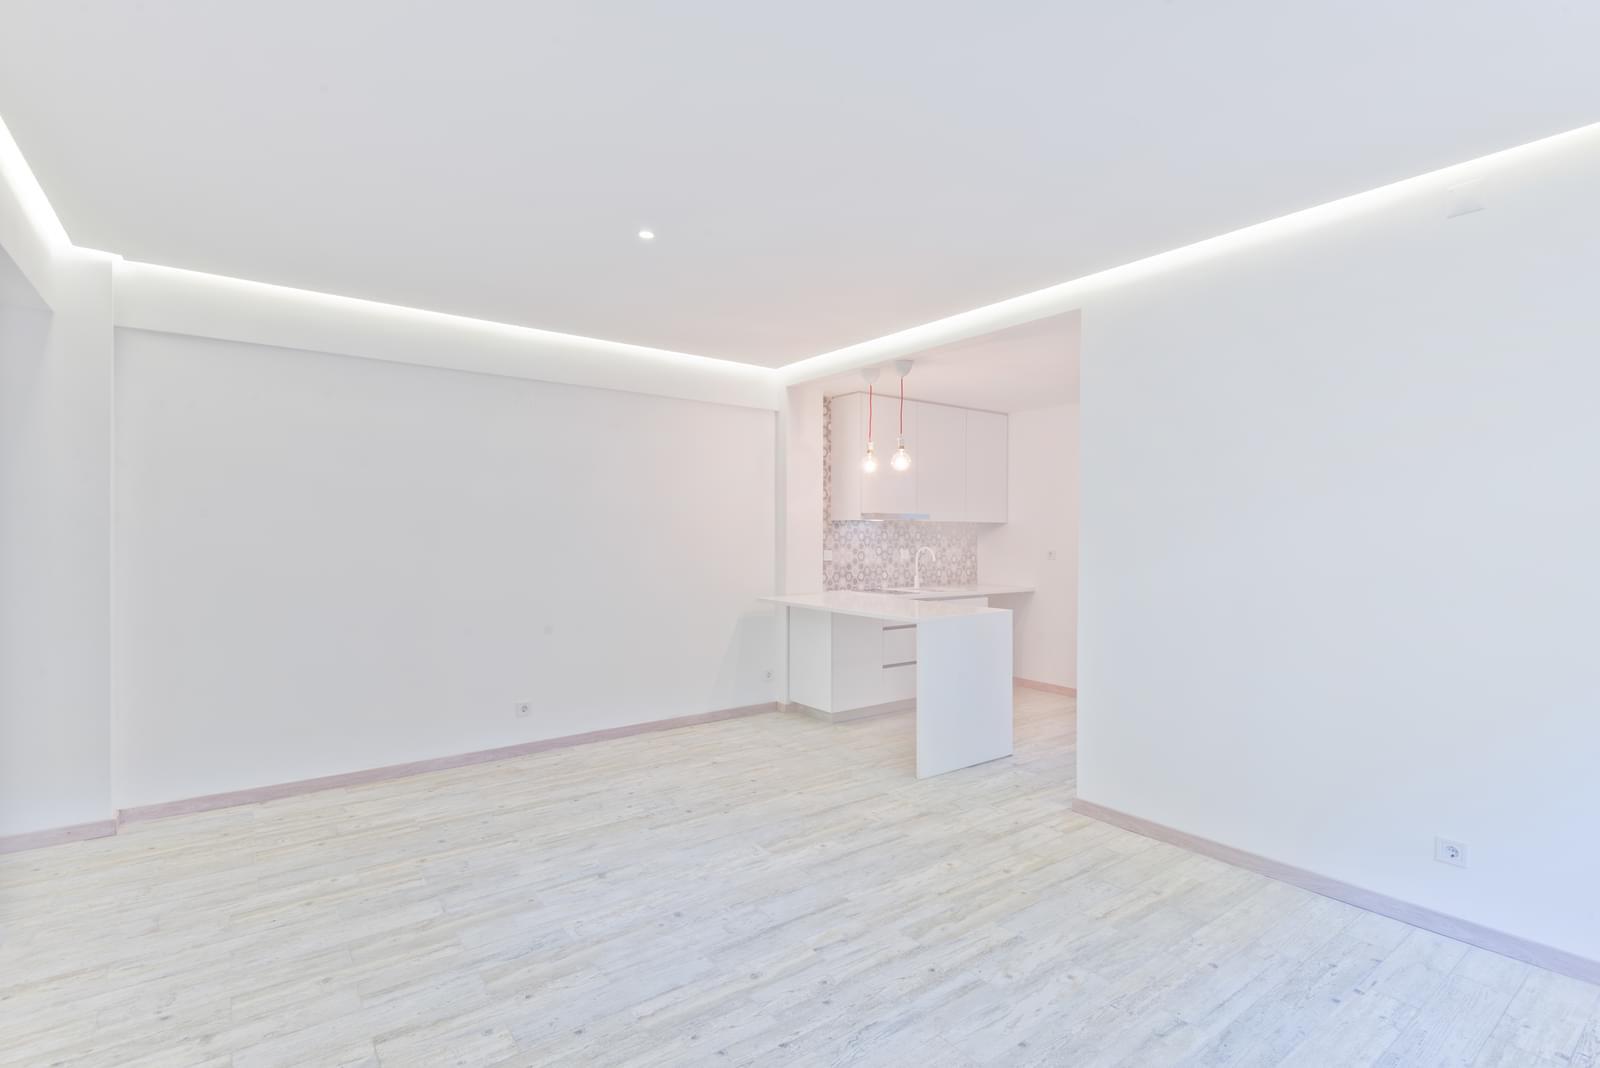 pf17818-apartamento-t1-cascais-e3598611-f0f8-4387-9d5a-21ddb6ade9ed